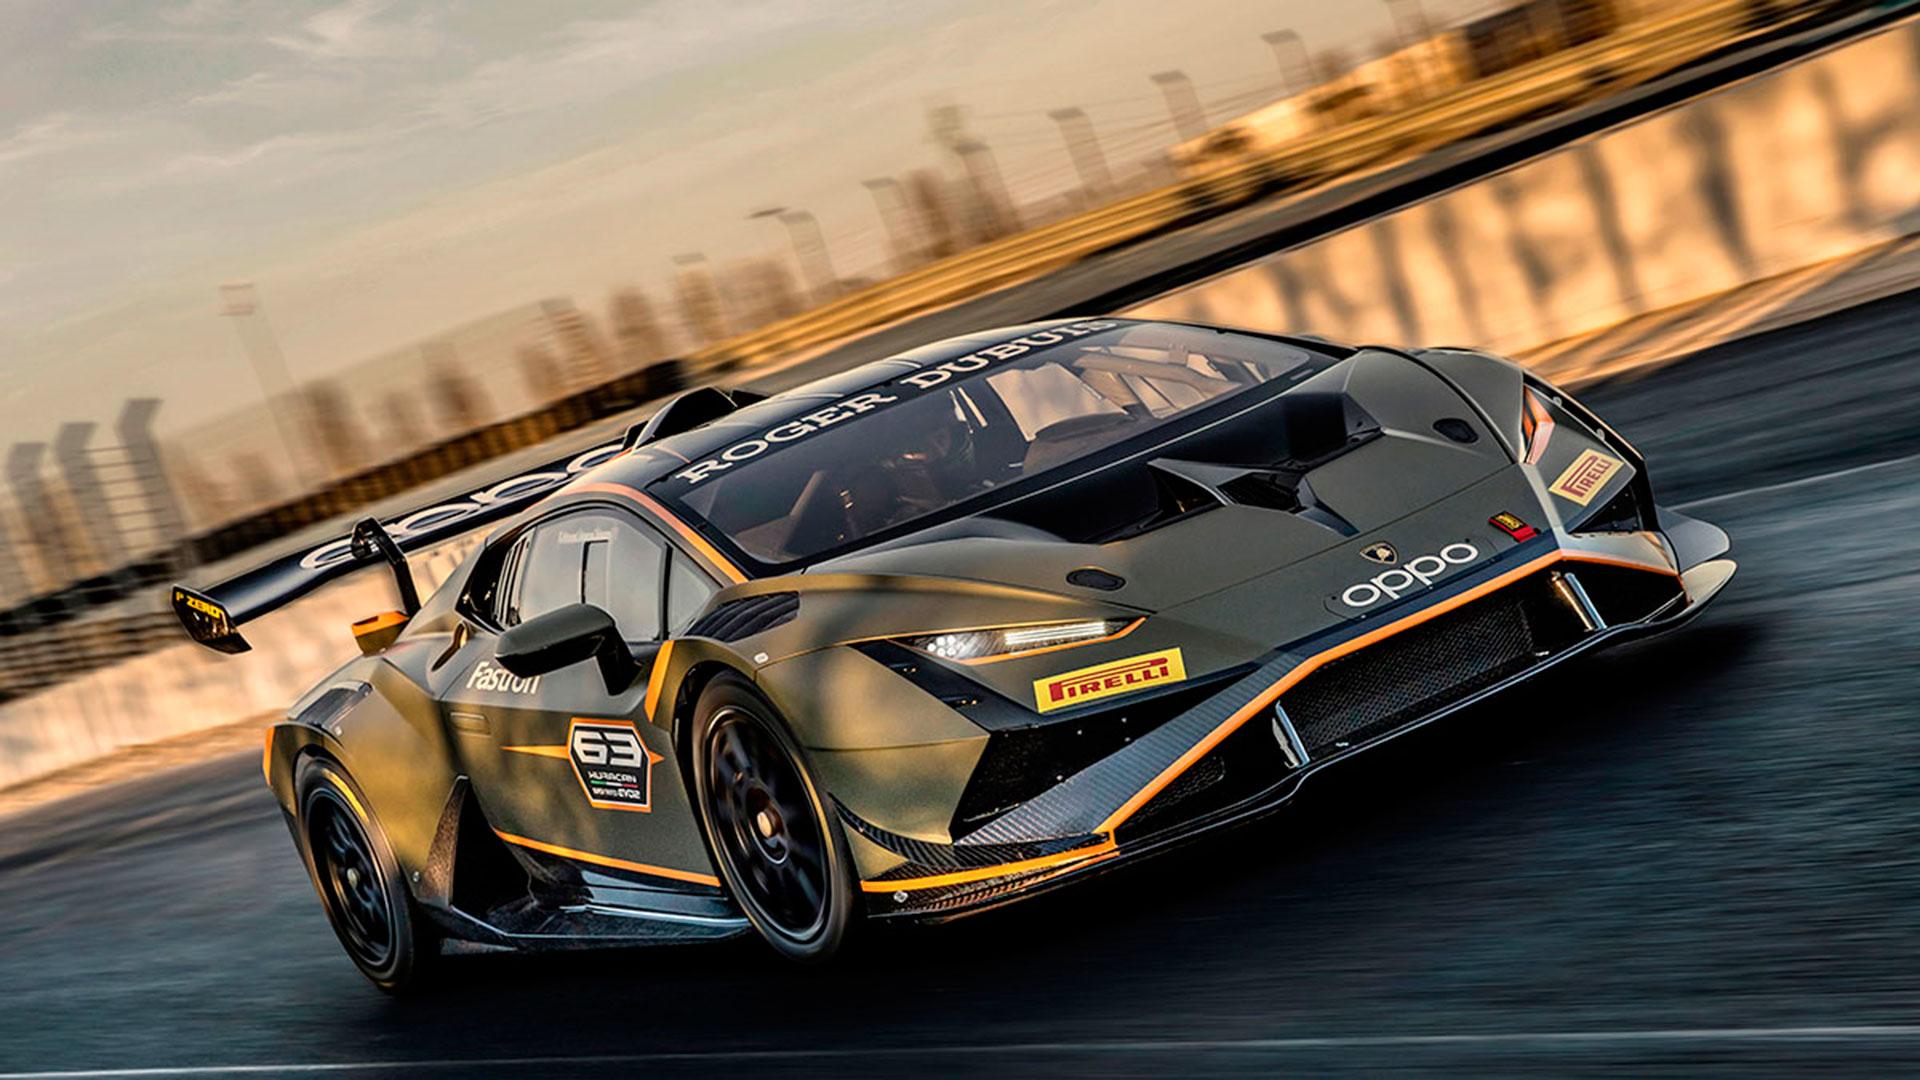 Nuevo Lamborghini Huracán Super Trofeo EVO2 2021: solo para circuito